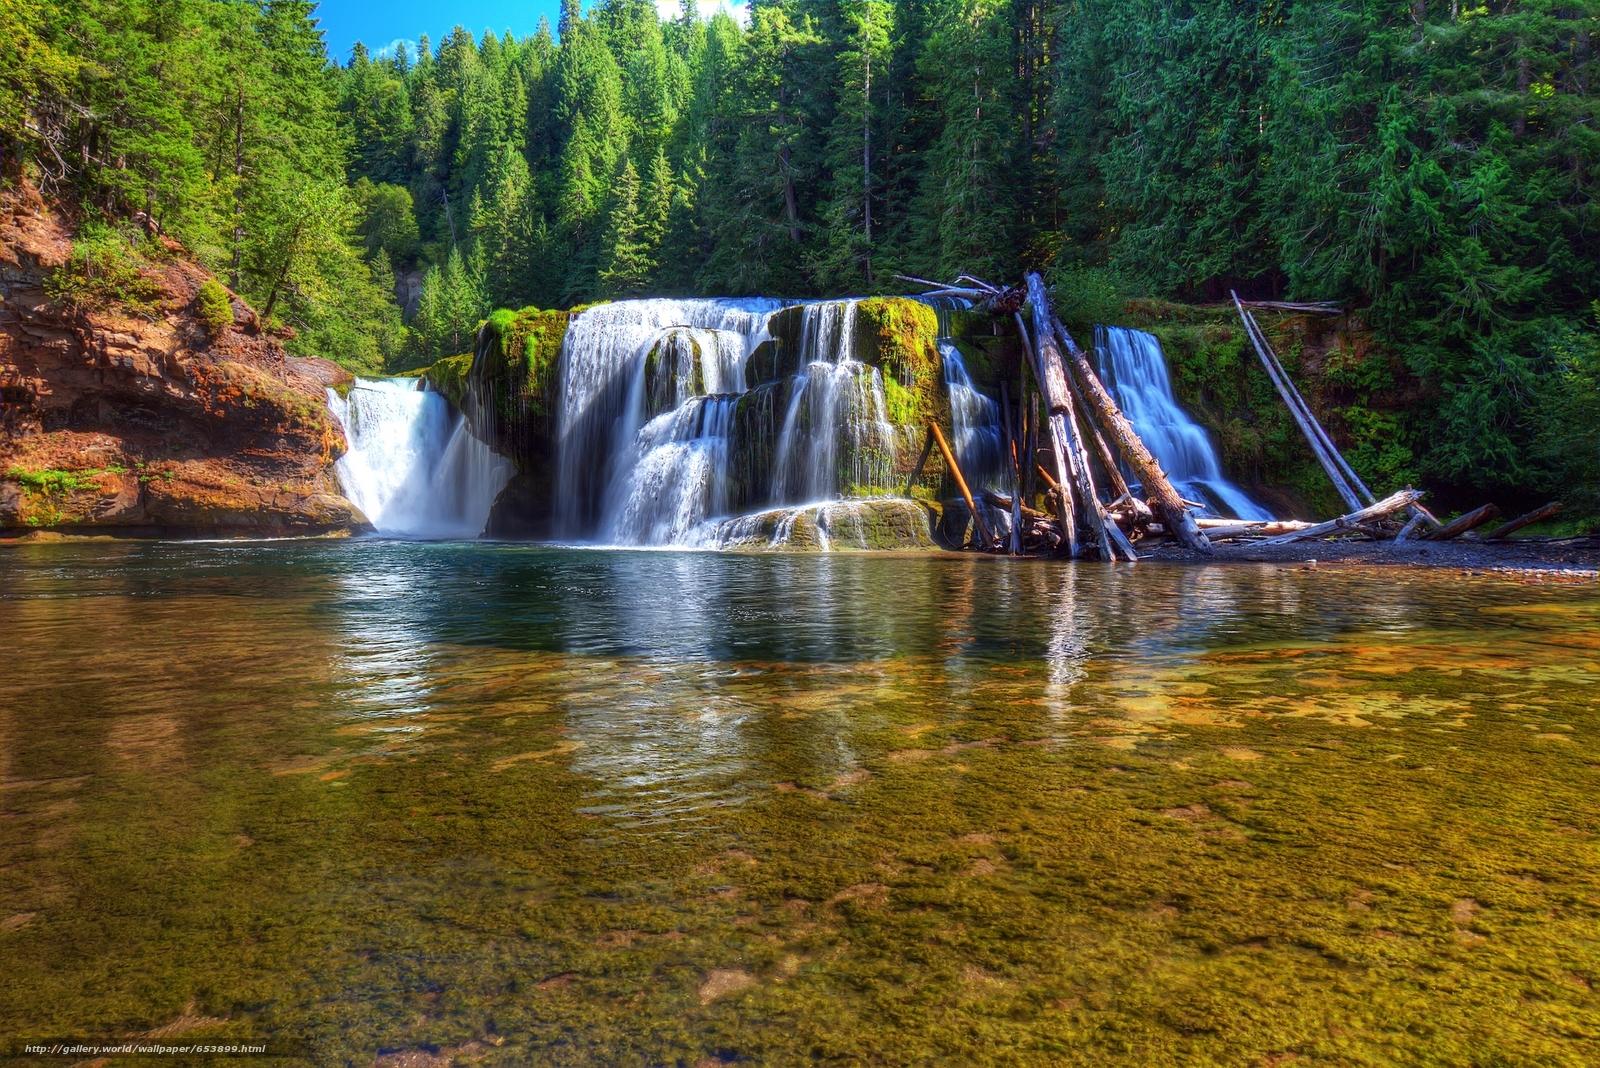 Скачать обои Lower Lewis River Falls,  Lewis River,  Washington,  река бесплатно для рабочего стола в разрешении 2048x1367 — картинка №653899